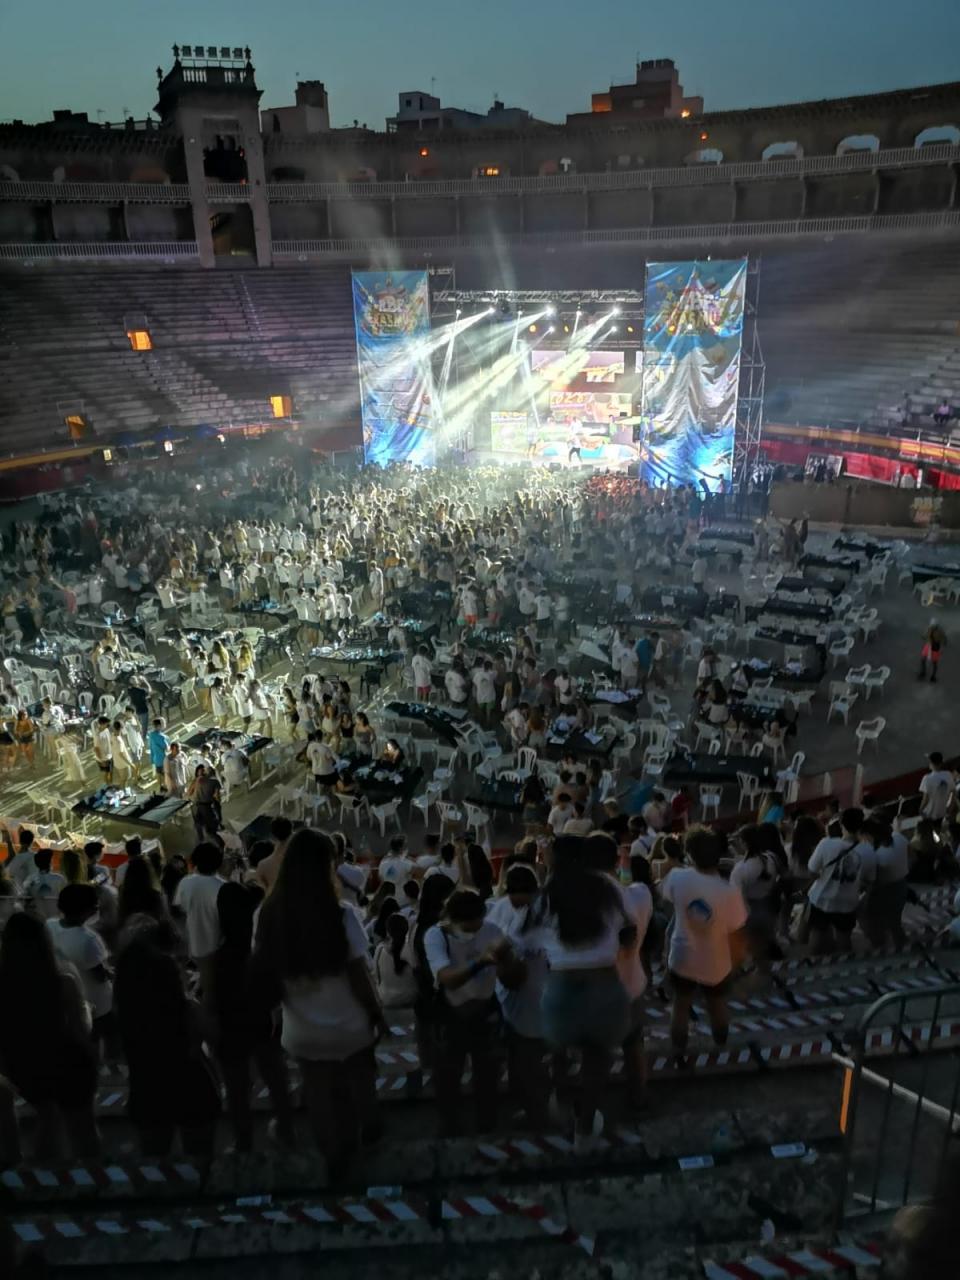 Cientos de jóvenes se saltaron las normas COVID en el concierto de la plaza de toros